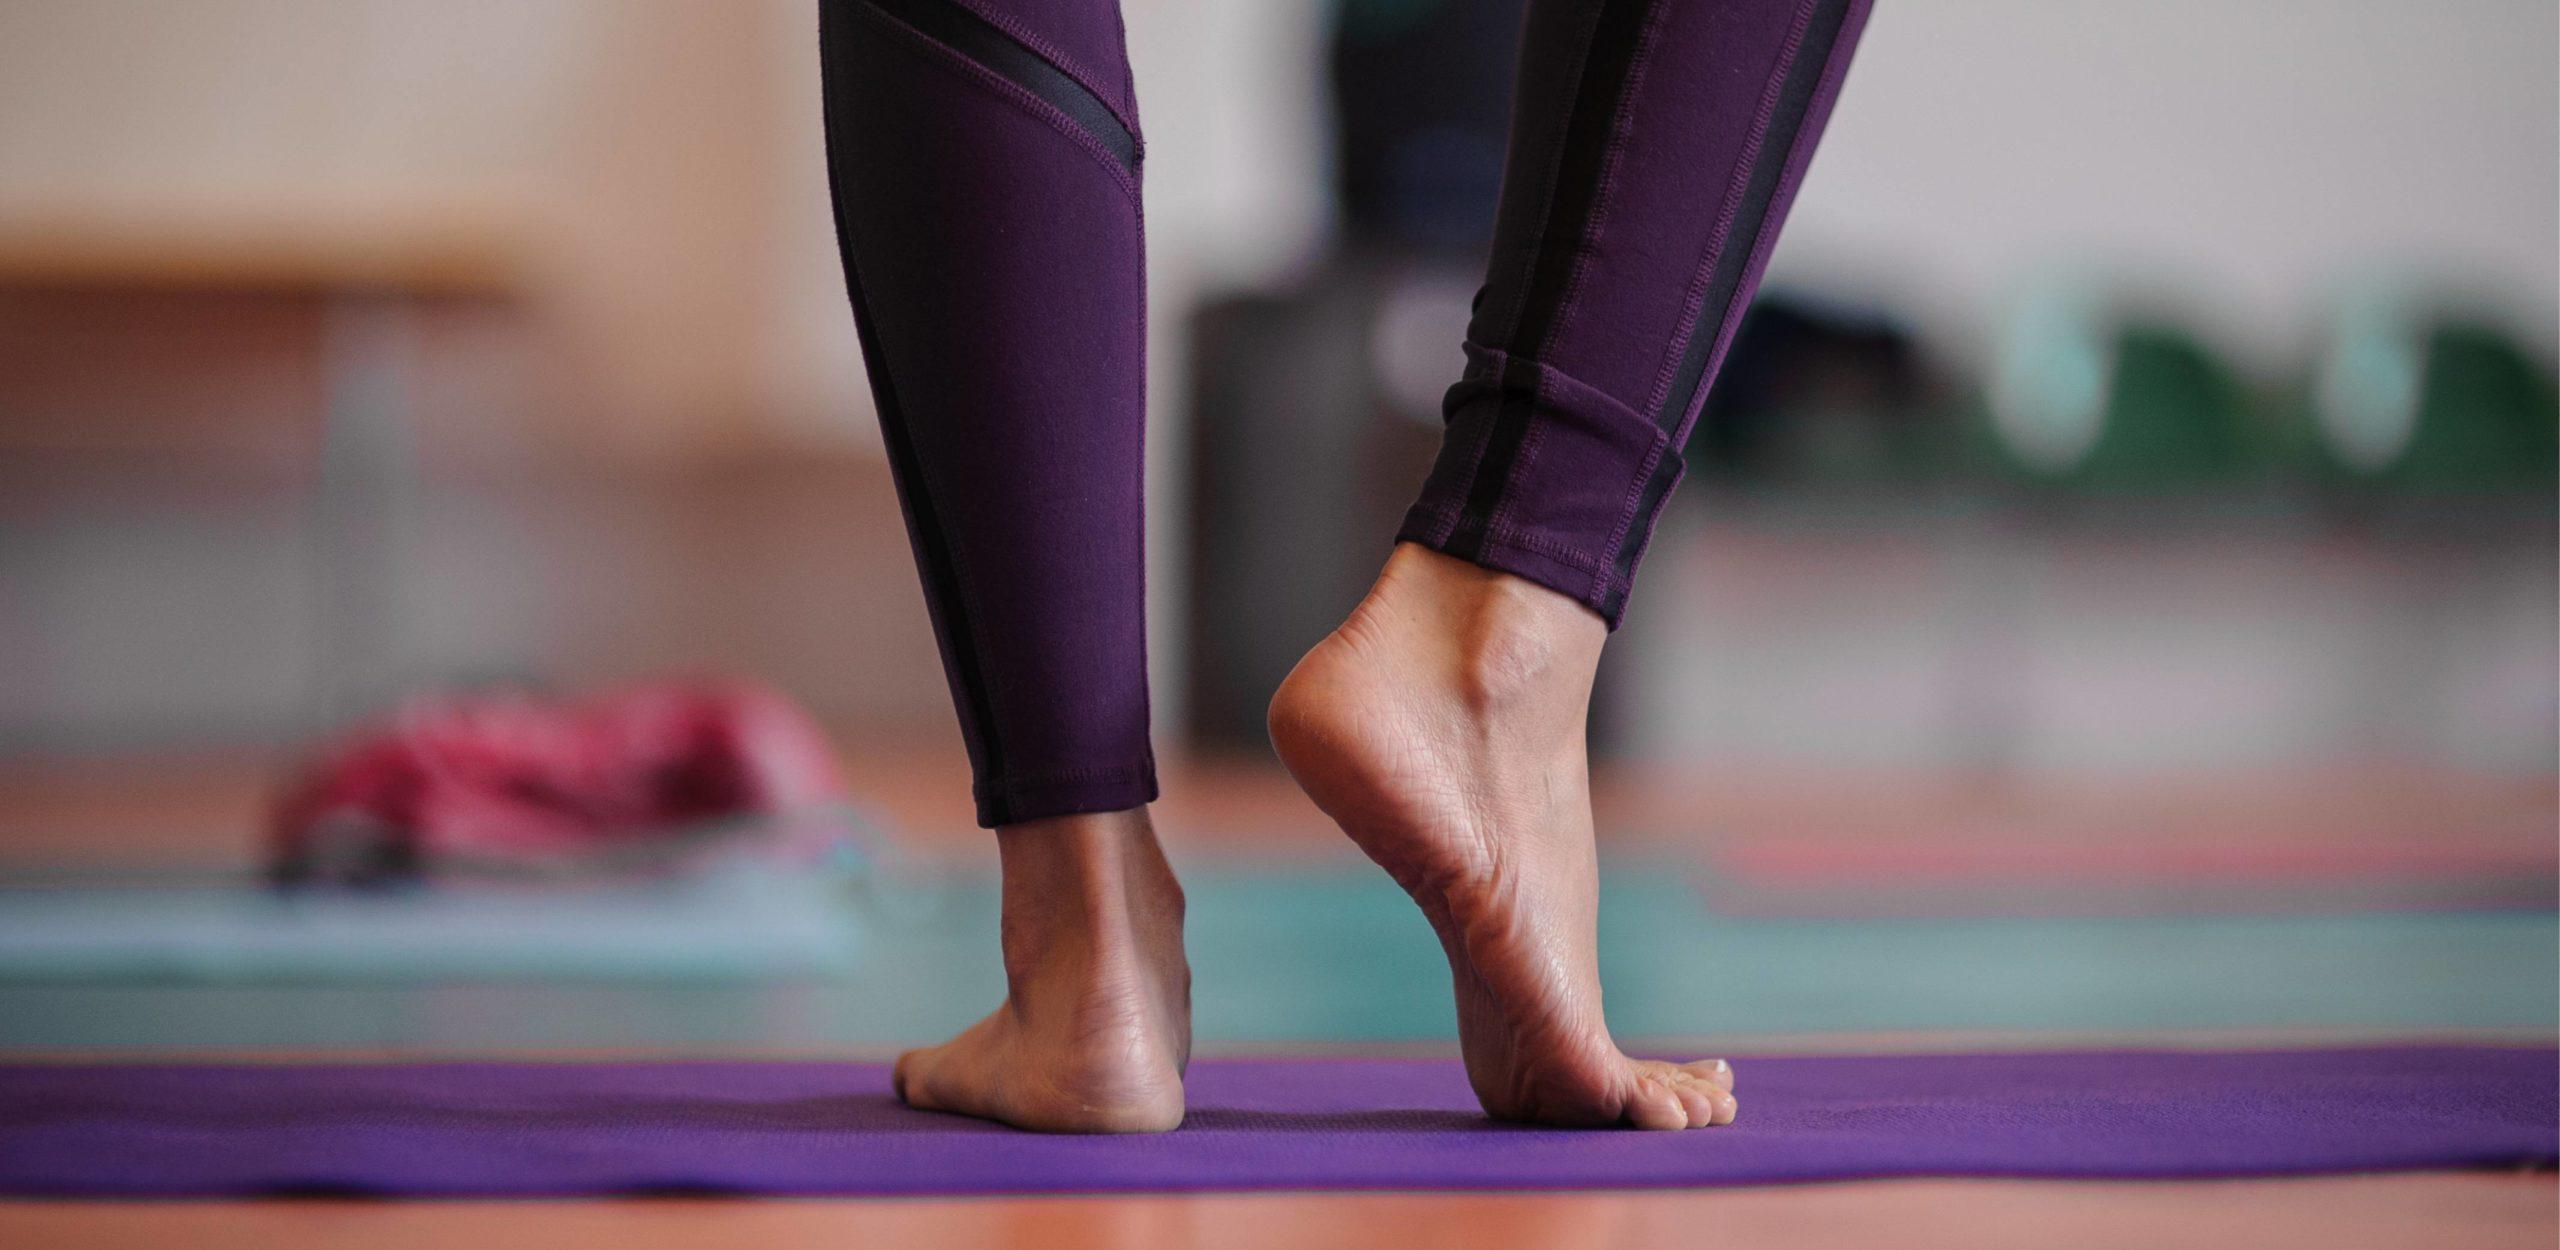 Pilates - zwei Füße. Der rechte Fuß leicht angehoben